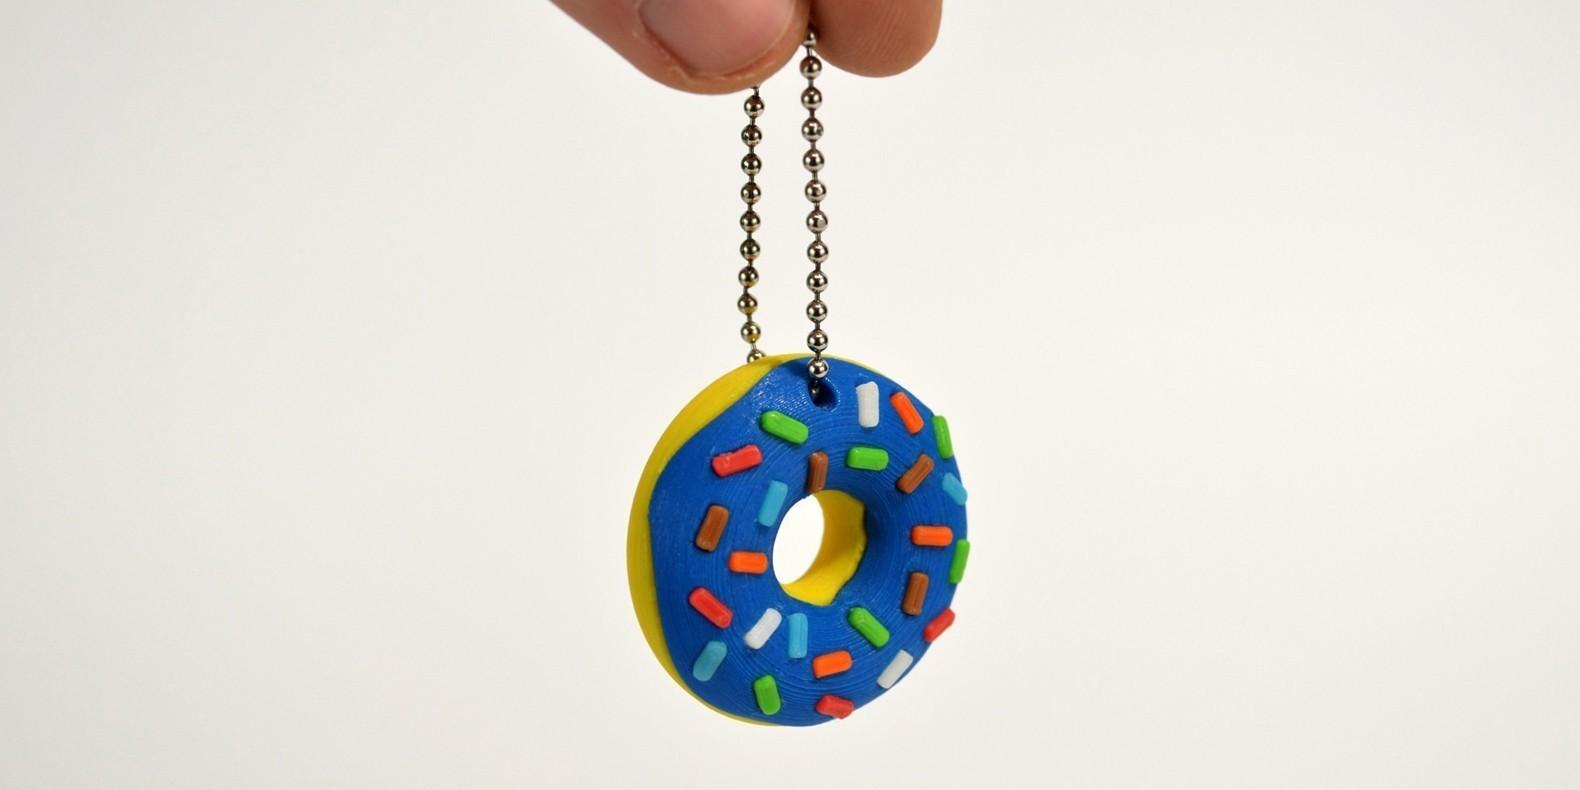 Découvrez dans cette nouvelle collection d'objets 3D, tous les fichiers 3D pour imprimantes 3D de porte-clés